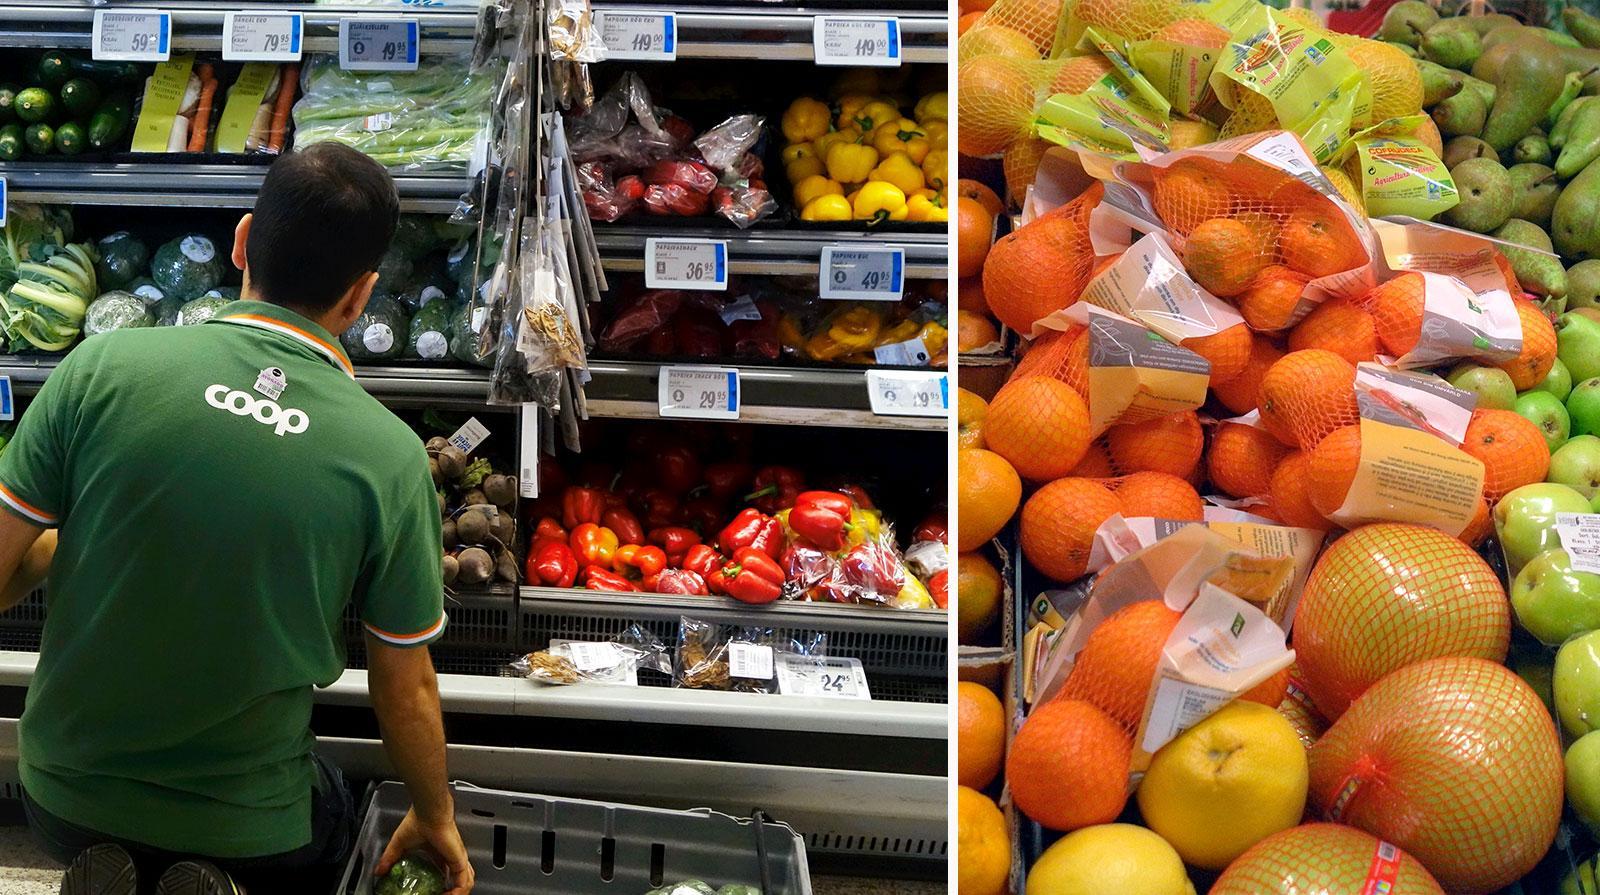 """ARKIVBILD. Mängder av frukt slängs, ofta helt i onödan. """"Man säljer mer i flerpack"""", enligt en ICA-handlare Aftonbladet har pratat med."""